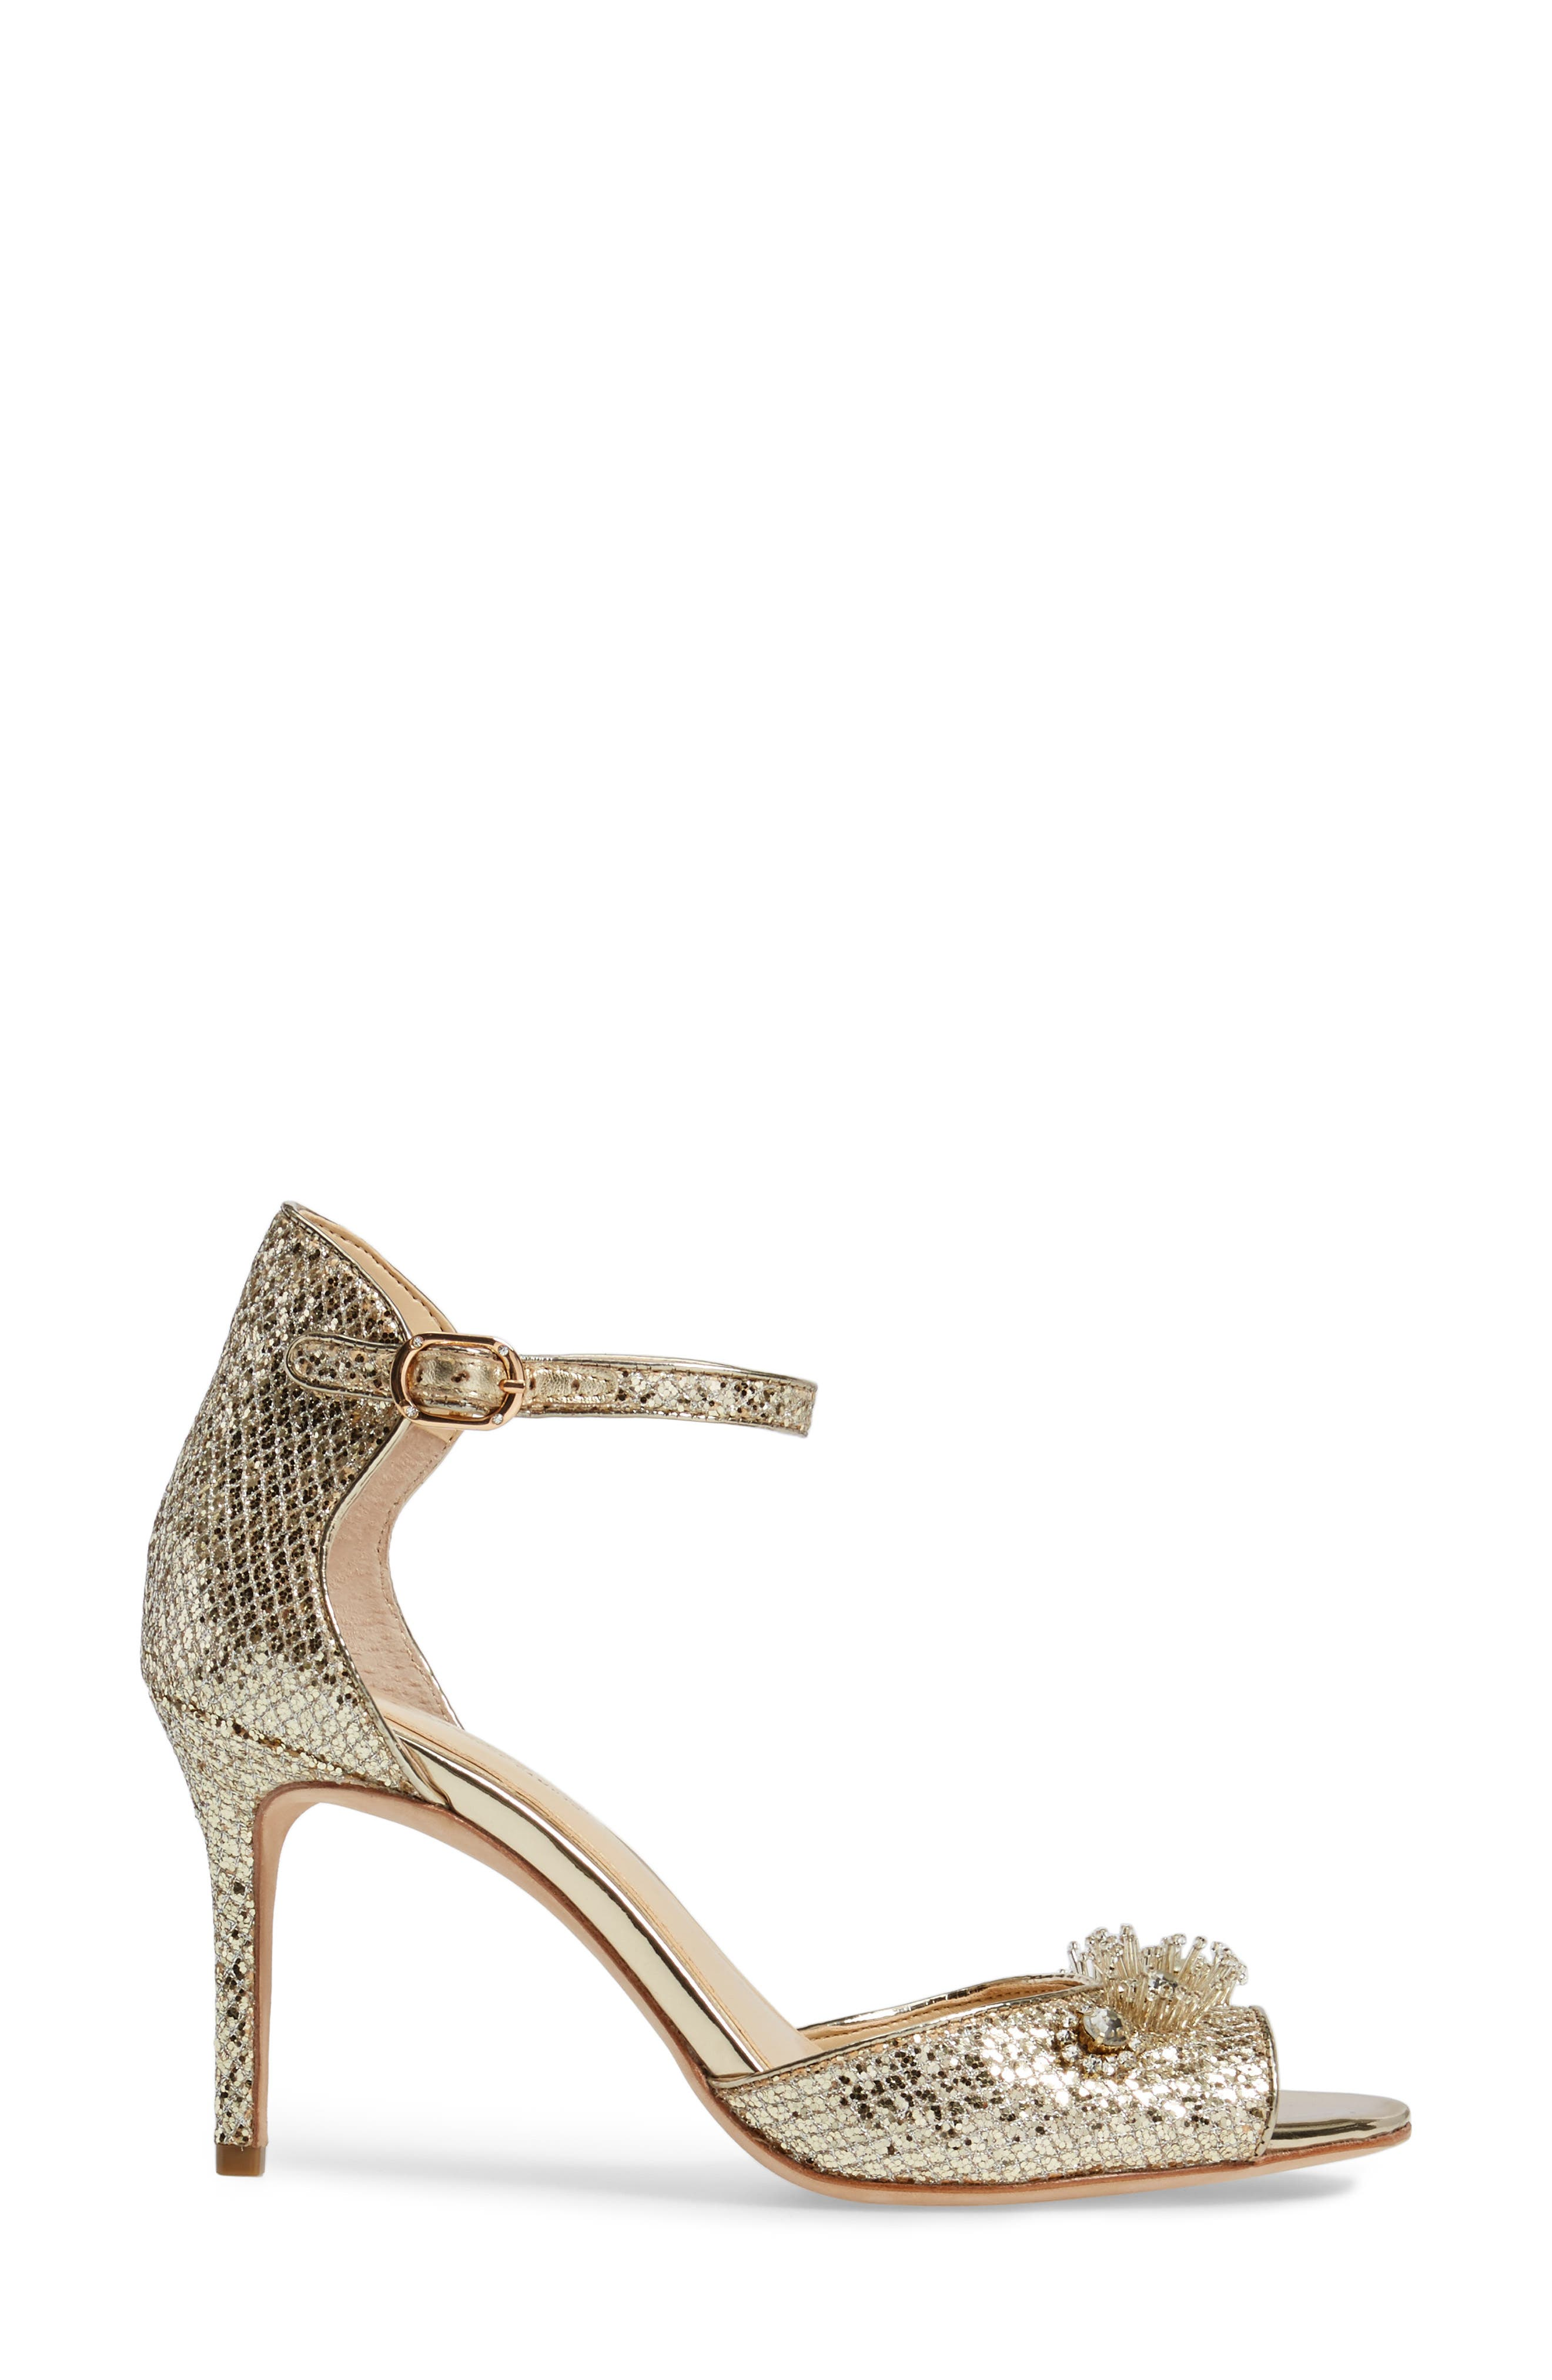 Prisca Embellished Sandal,                             Alternate thumbnail 3, color,                             Soft Gold